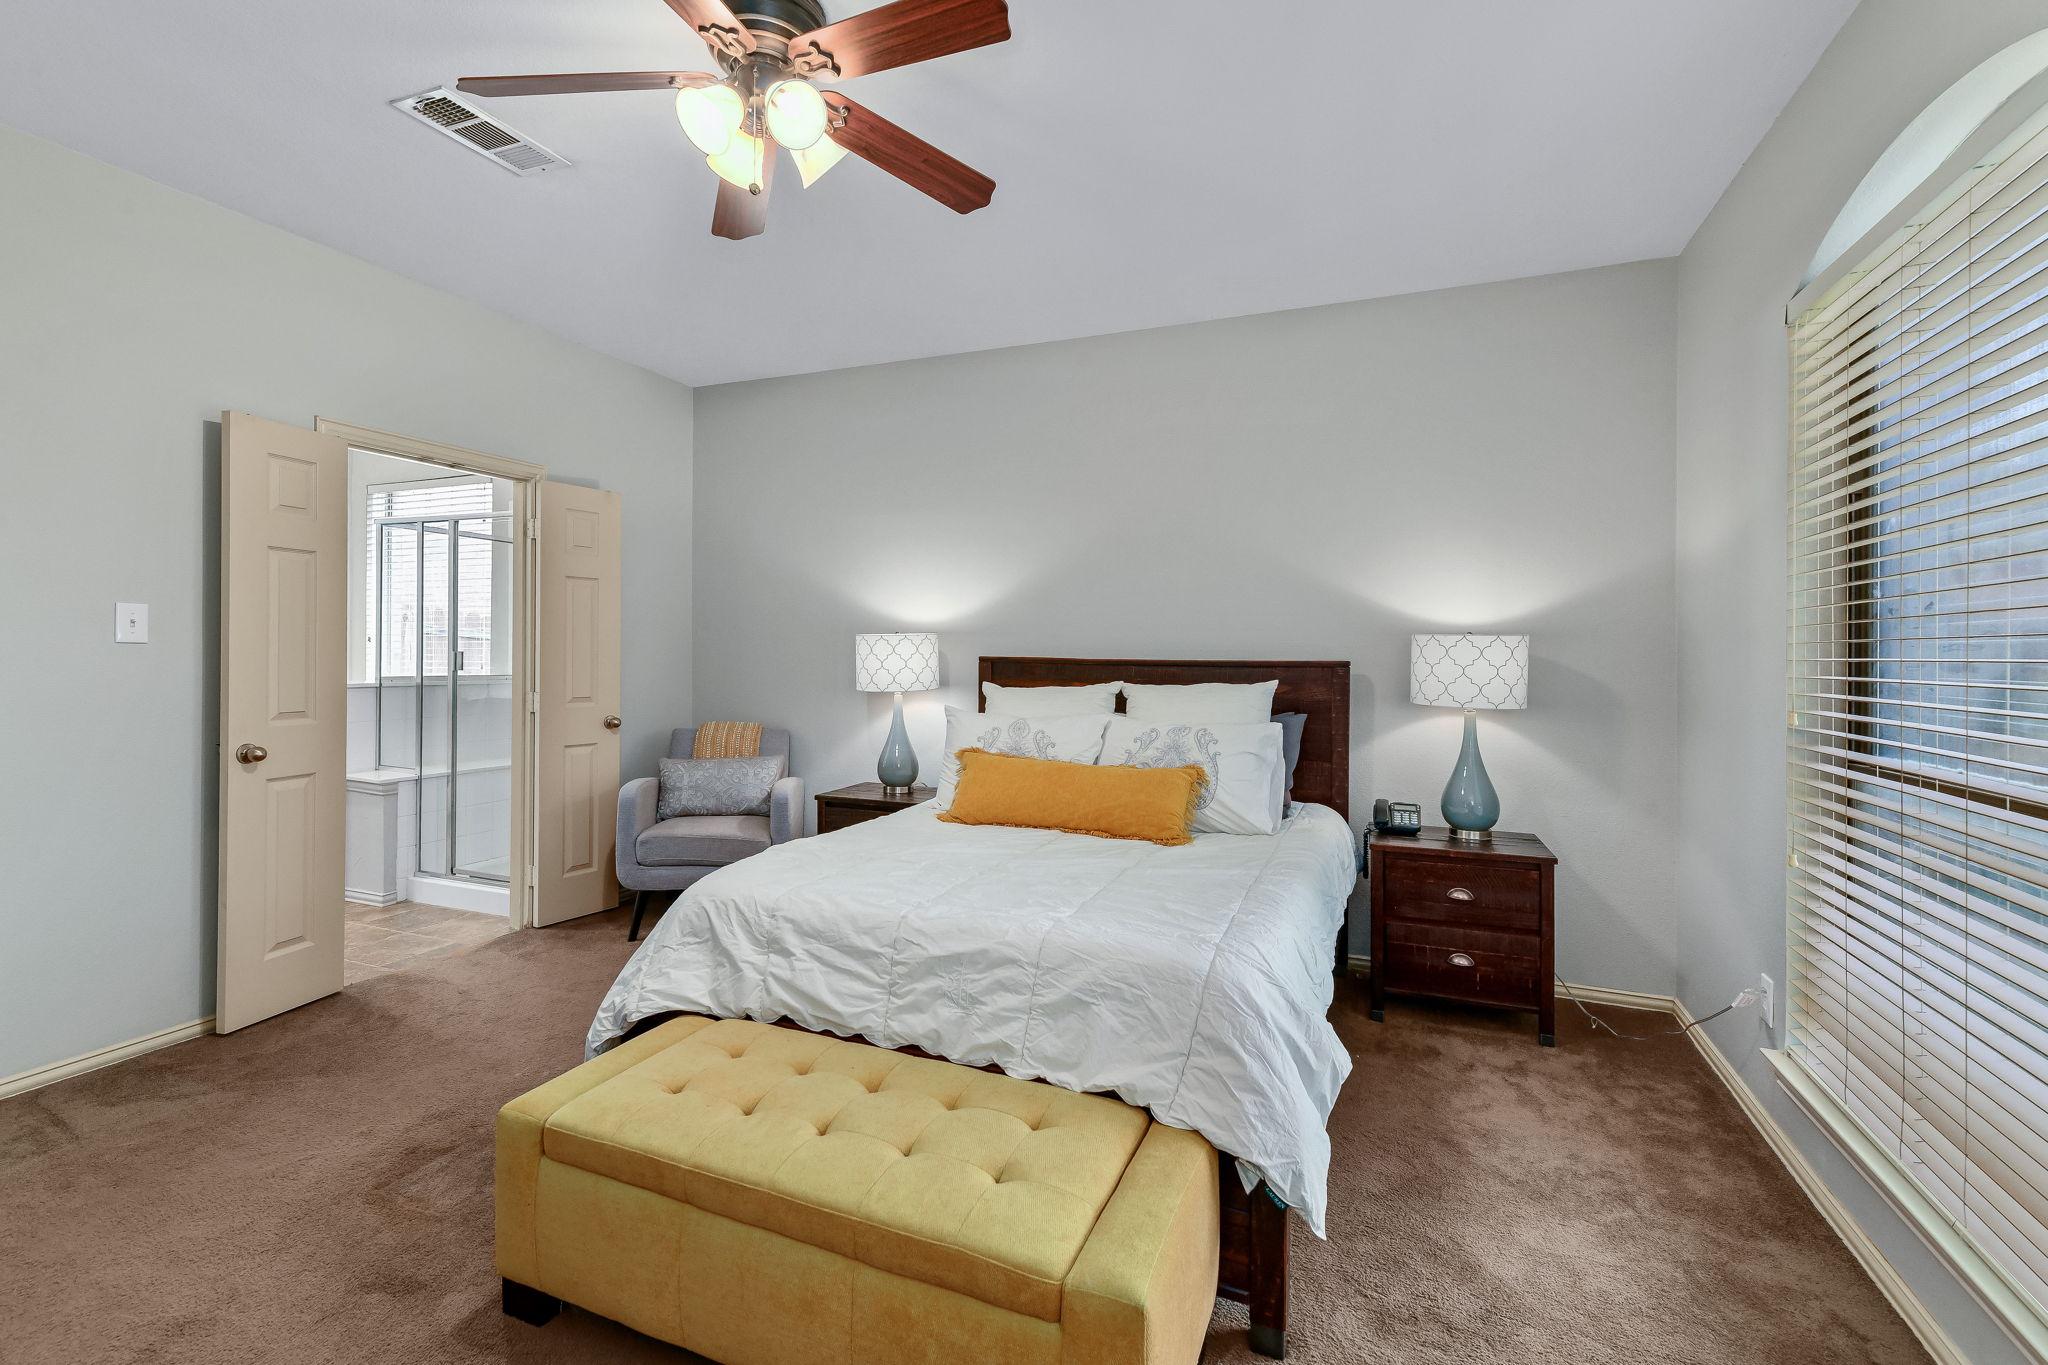 017-Master Bedroom-FULL